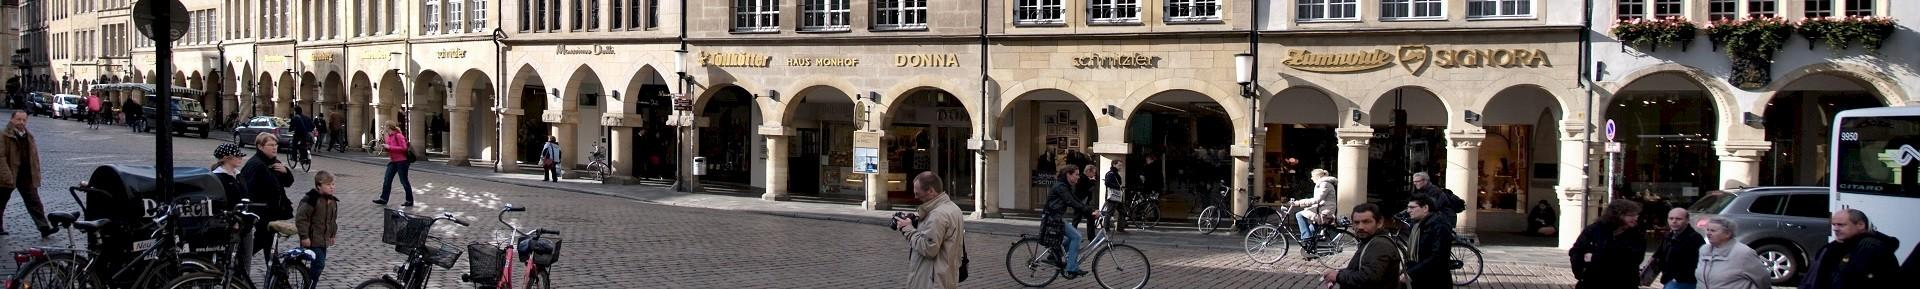 Münster entdecken ist das beliebteste Hotelarrangement unserer Gäste